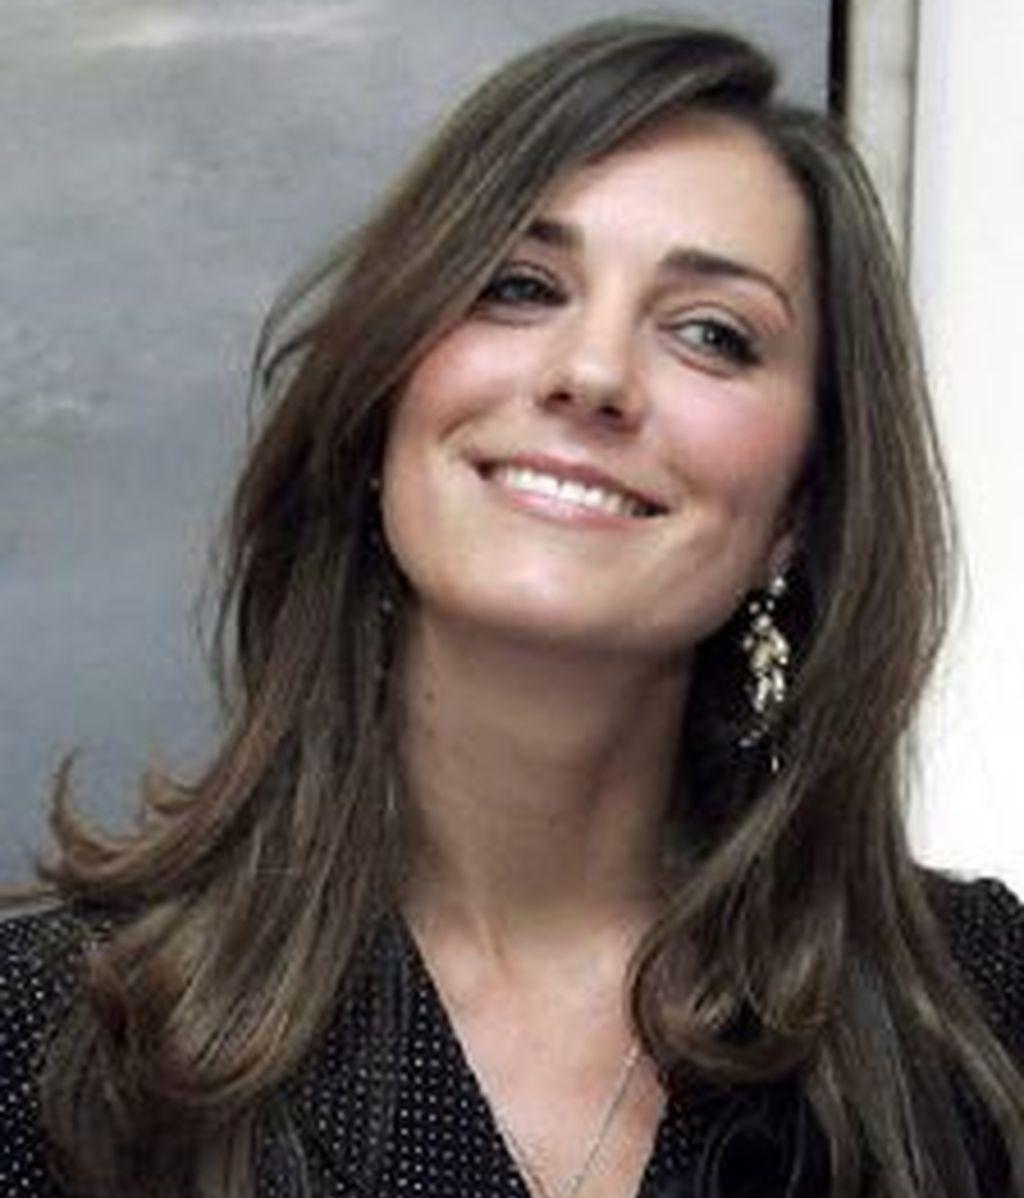 Kate Middleton será la próxima princesa de Gales, tras el anuncio de la boda con el príncipe Guillermo de Inglaterra. Foto archivo EFE